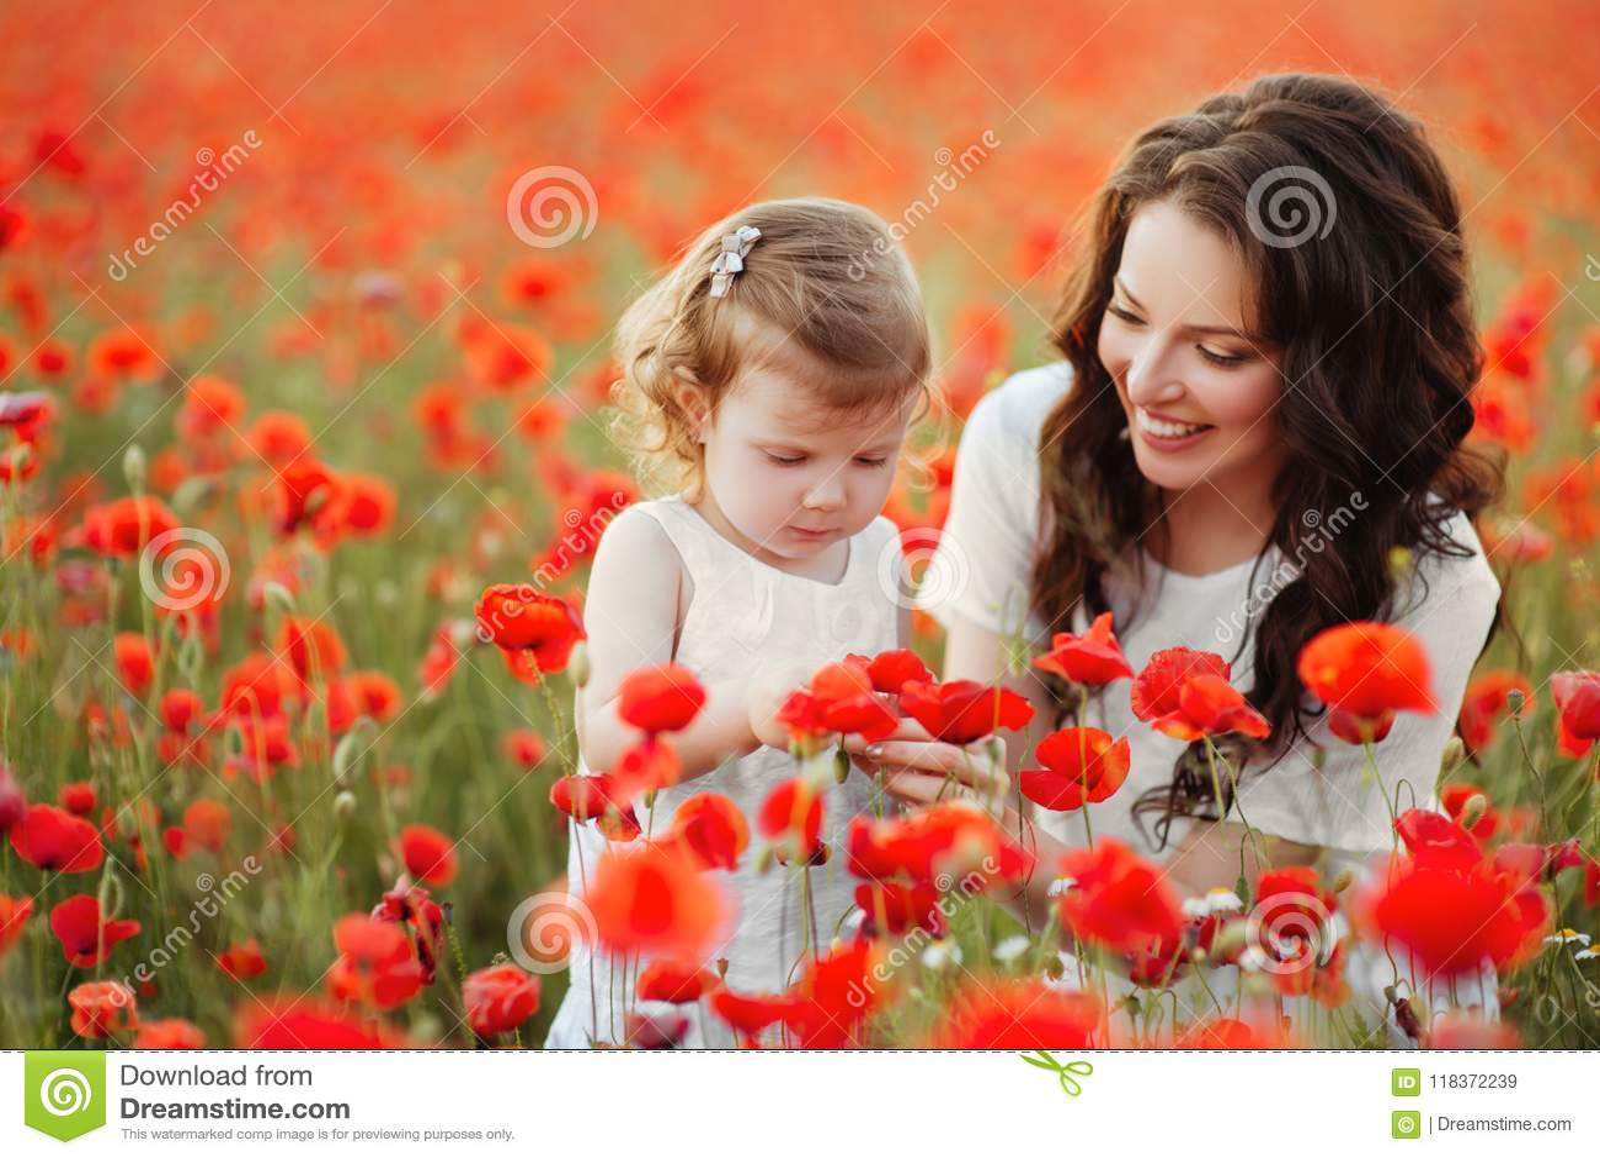 Παιχνίδι μητέρων και κορών στον τομέα λουλουδιών